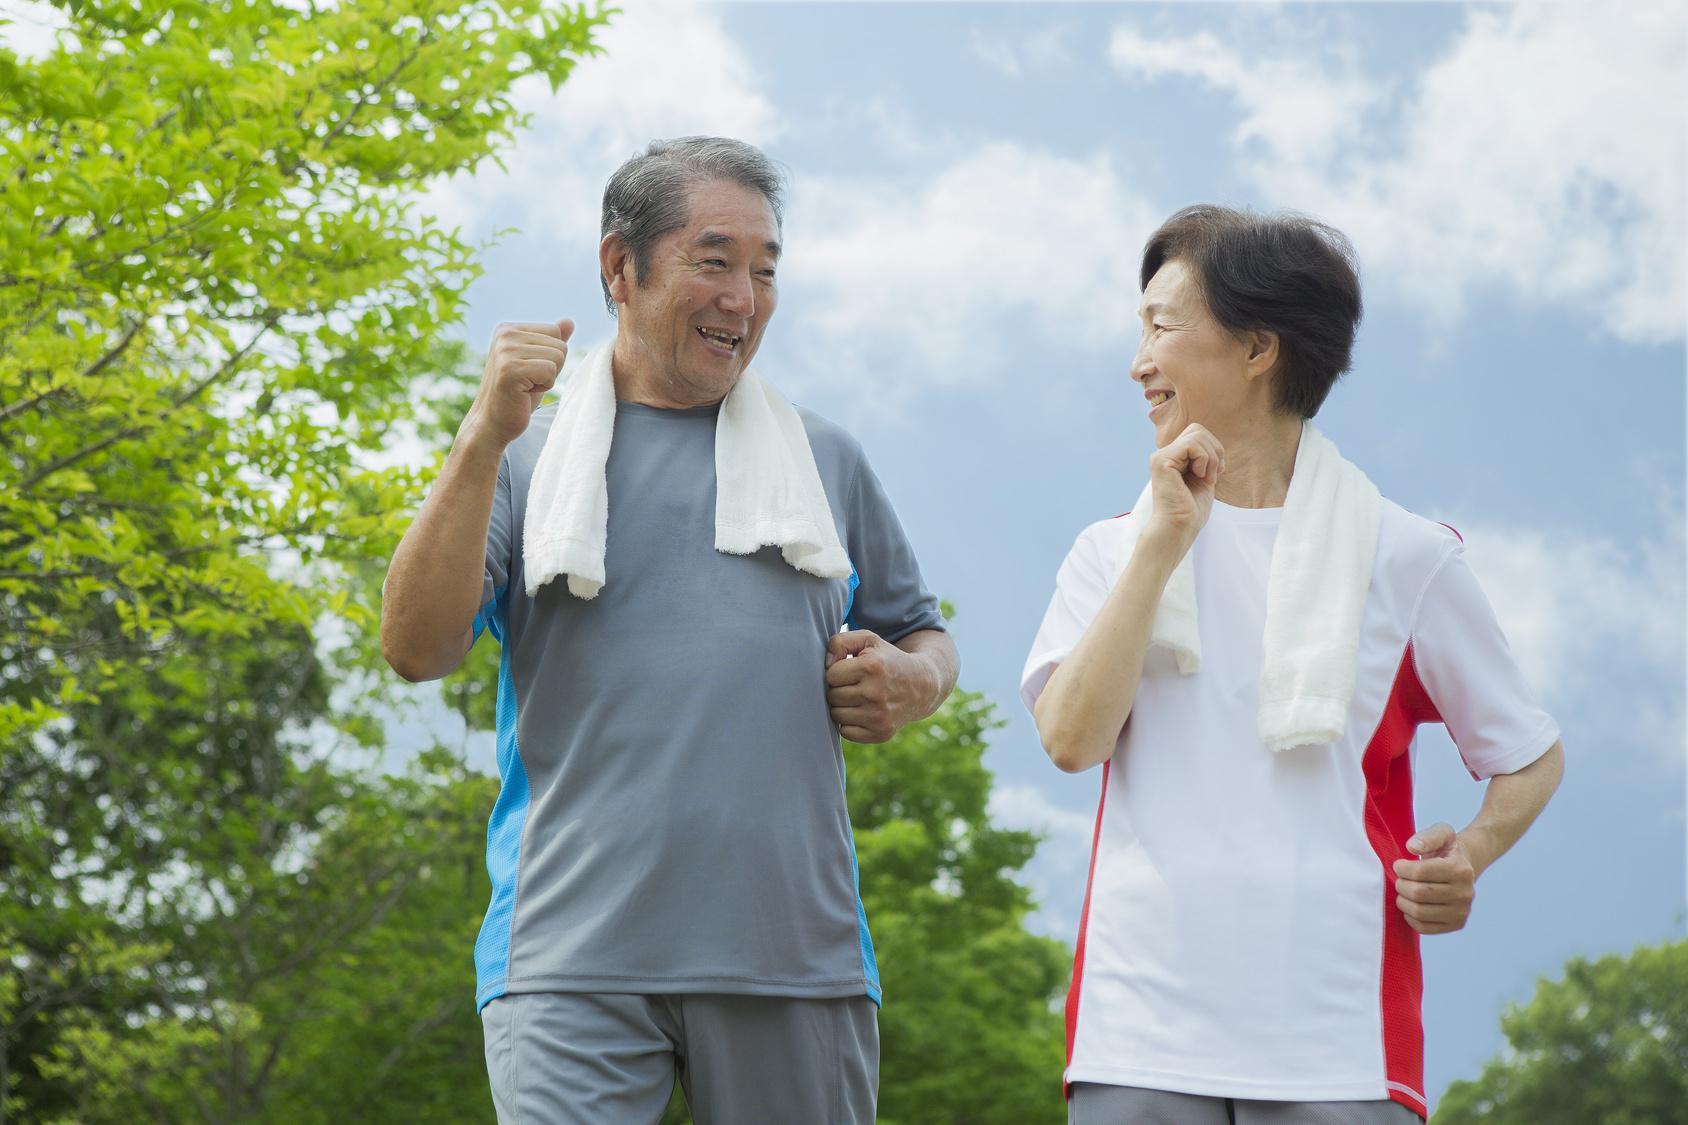 週に5時間以上の運動で認知症になる確率が1/5に!